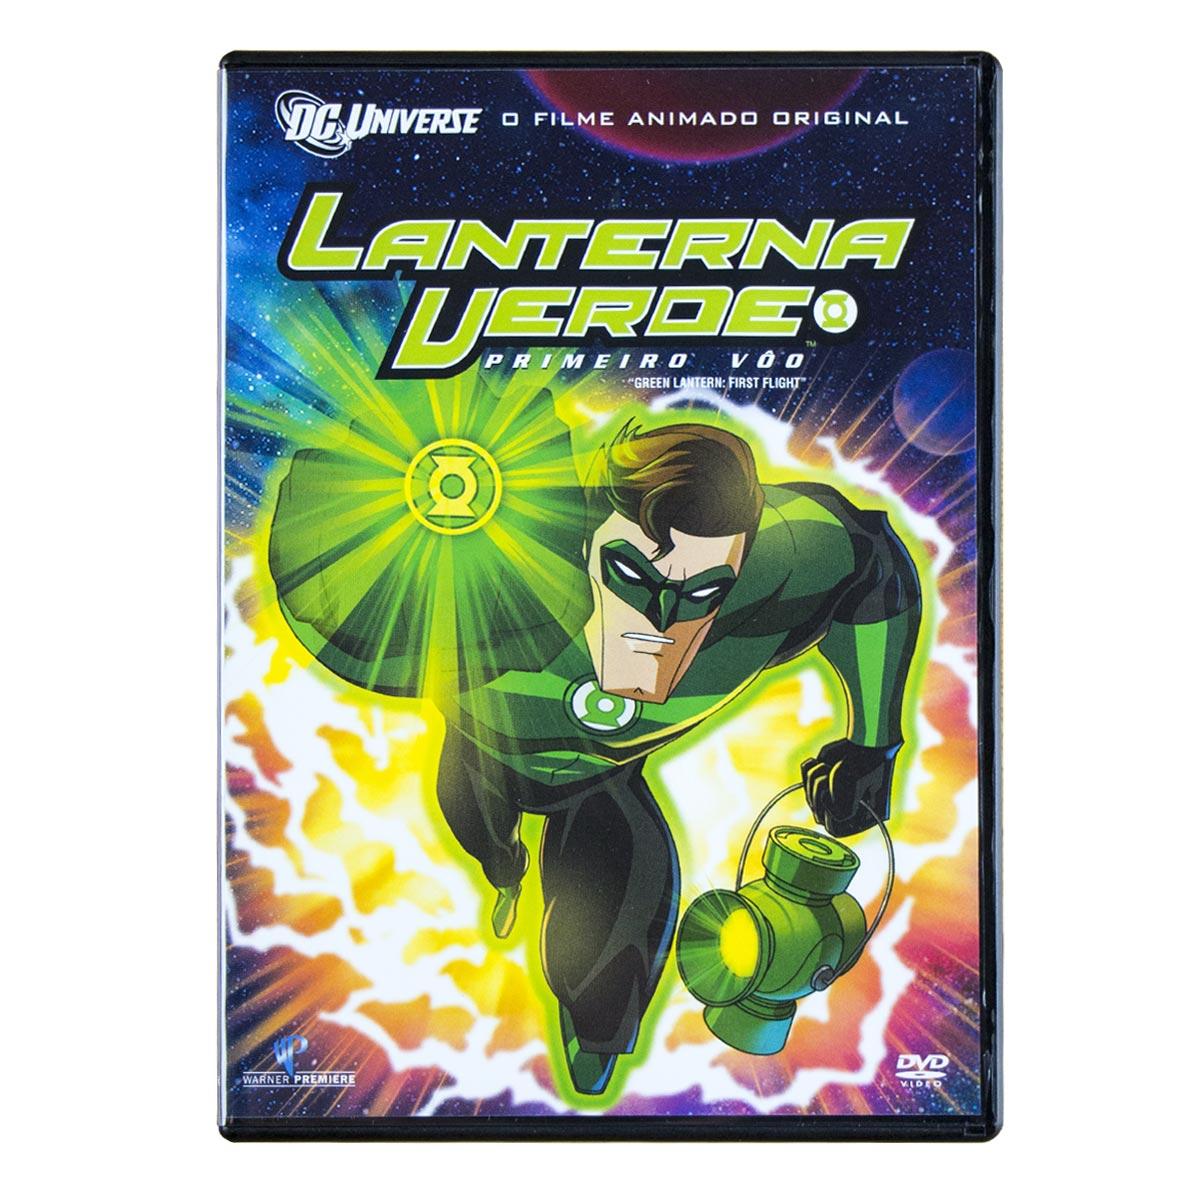 DVD Lanterna Verde Primeiro V�o